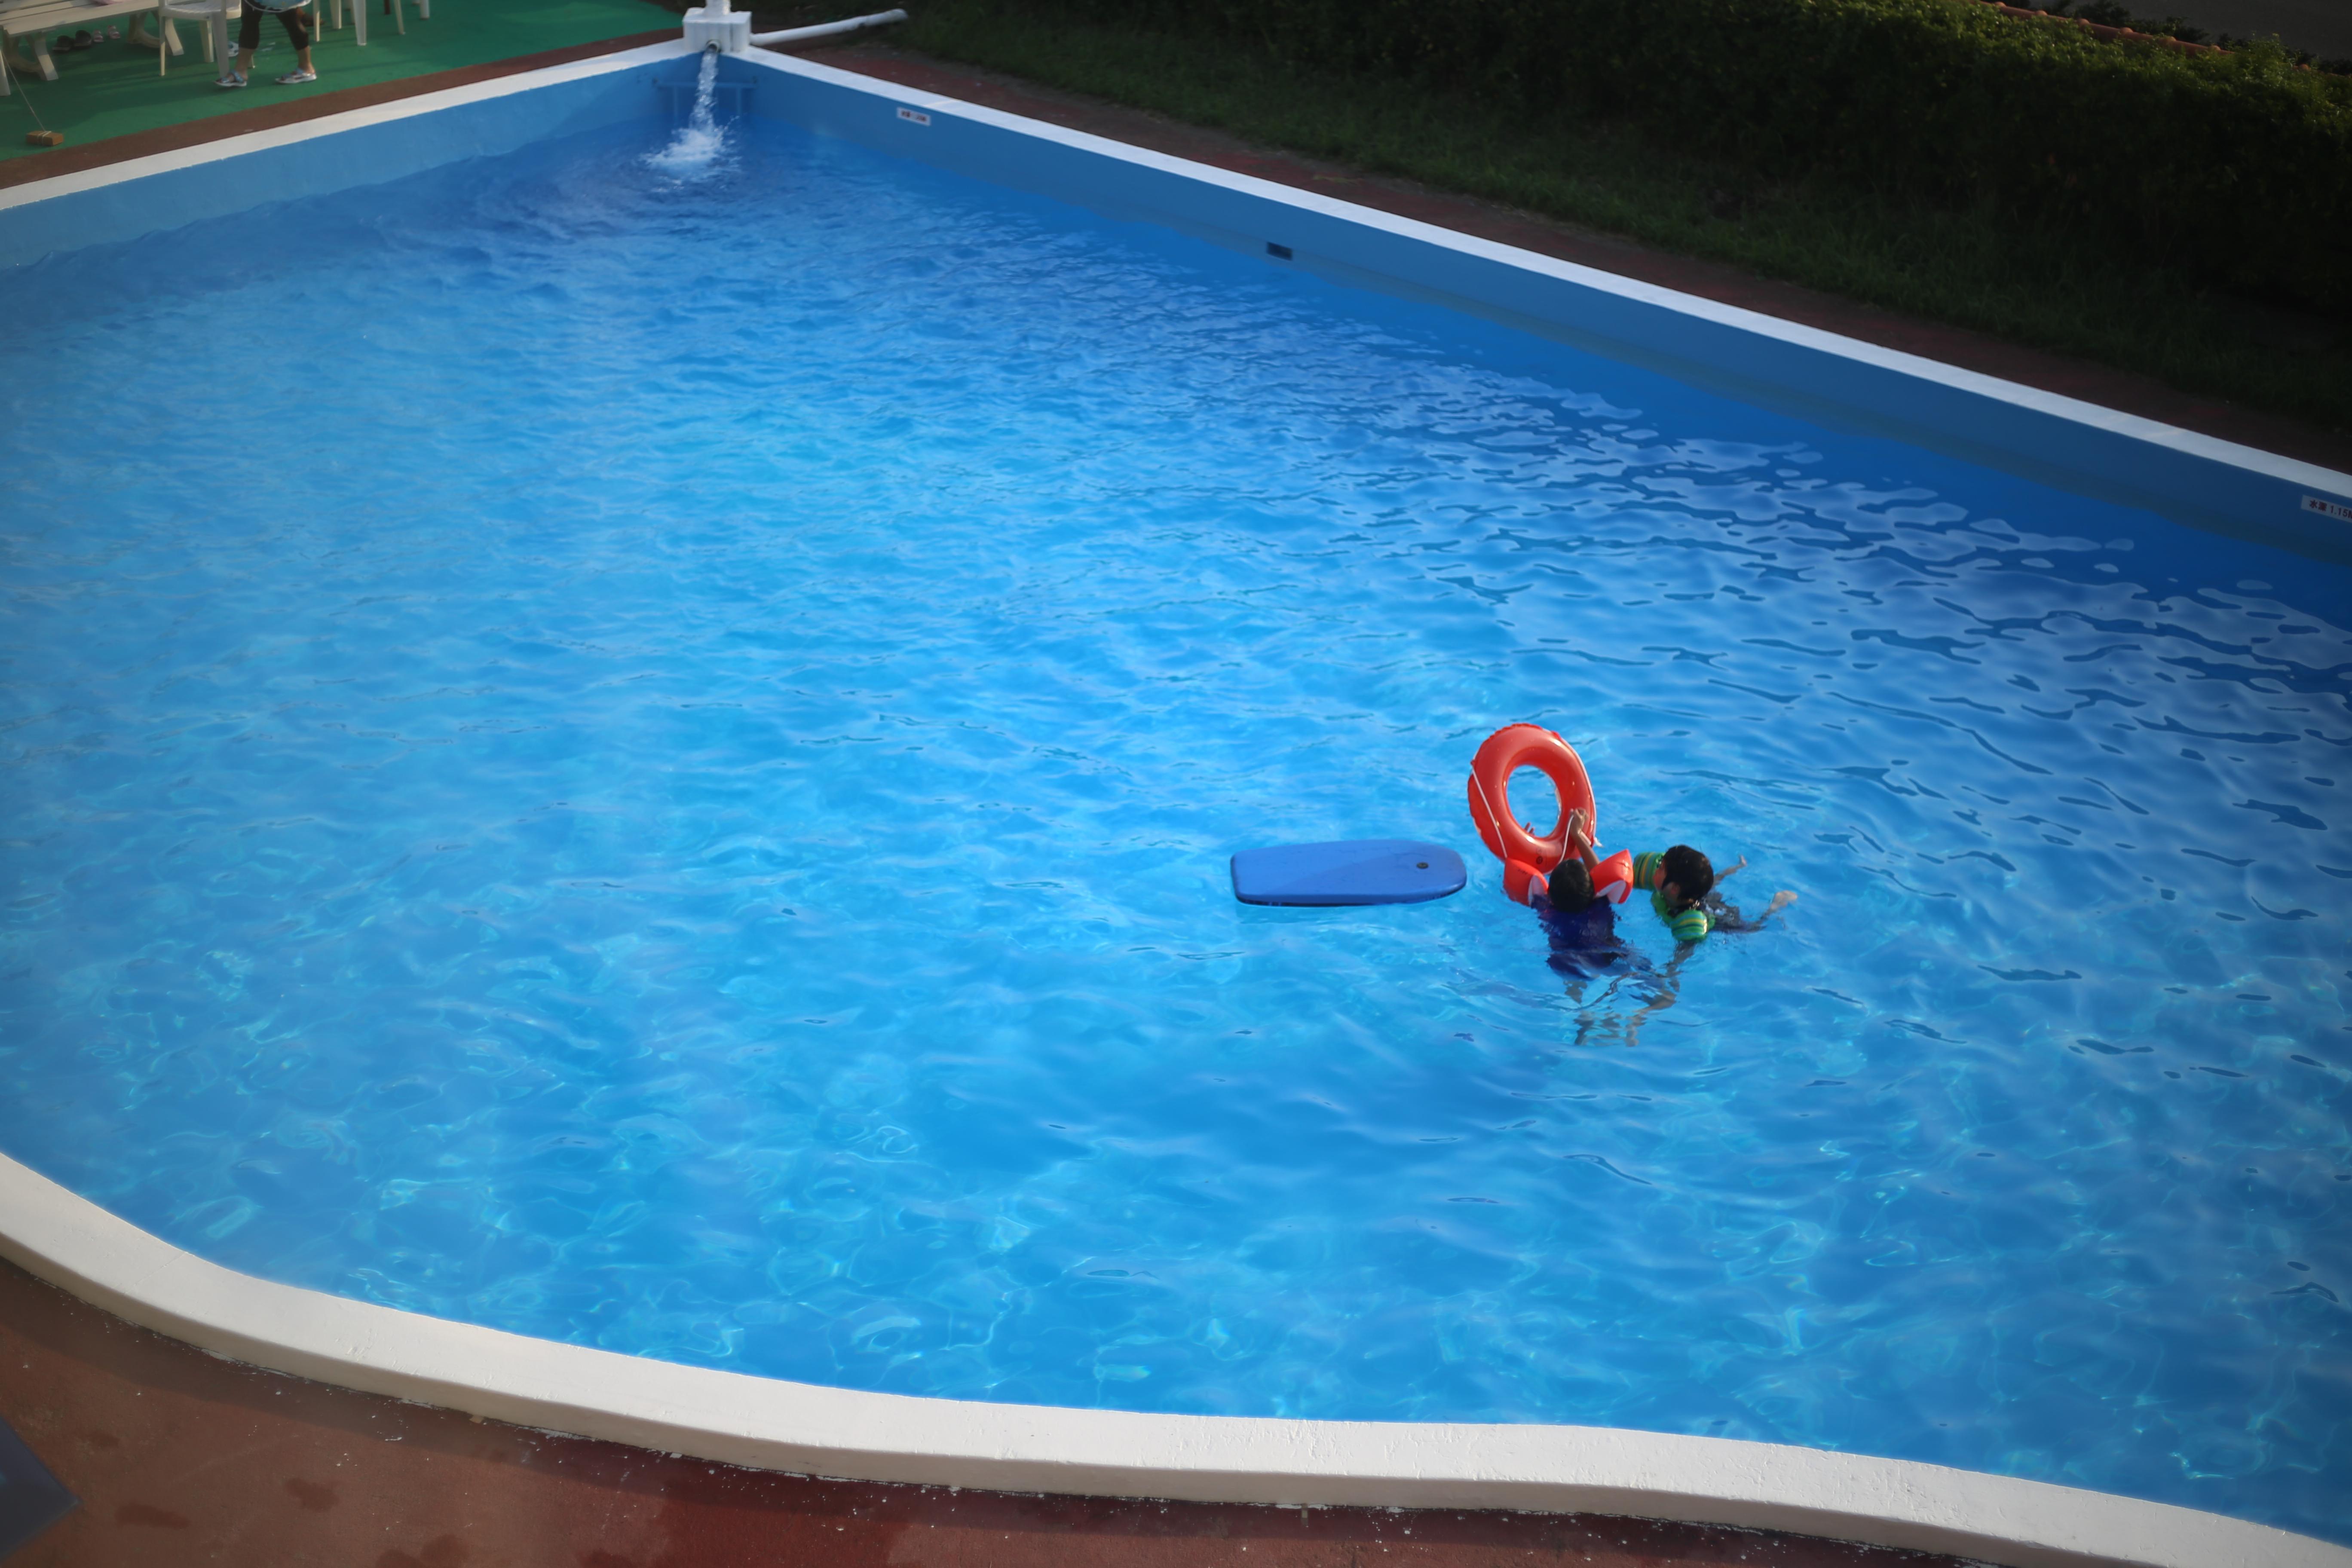 プールに明け暮れた夏 関東近郊プール5か所まとめ!